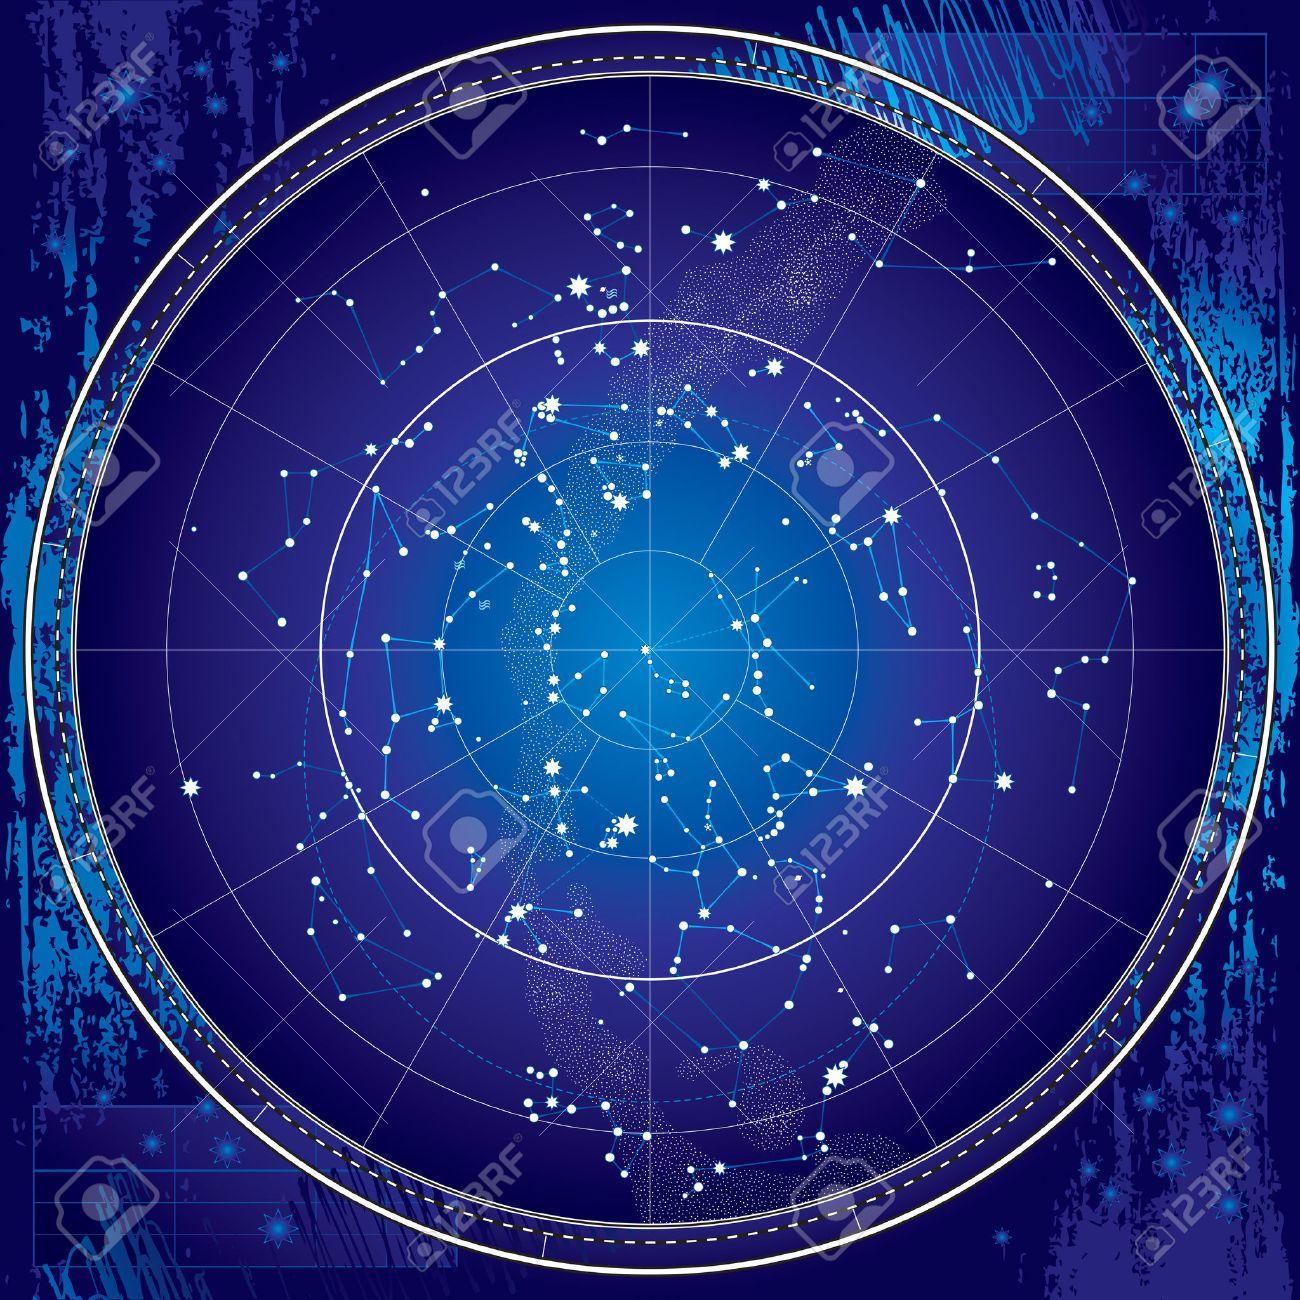 Celestial Karte Von The Night Sky - Astronomische Diagramm Der ...